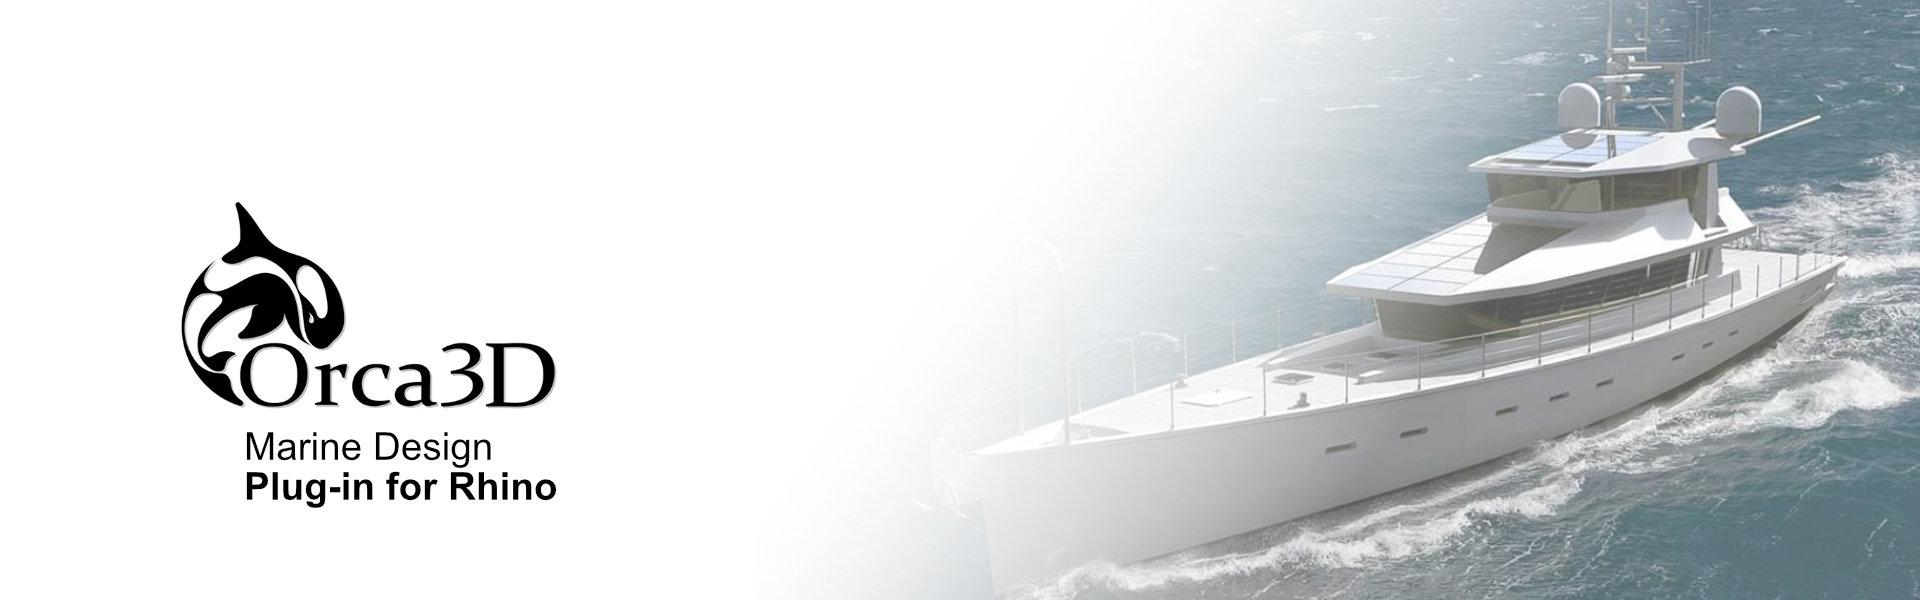 Orca 3D